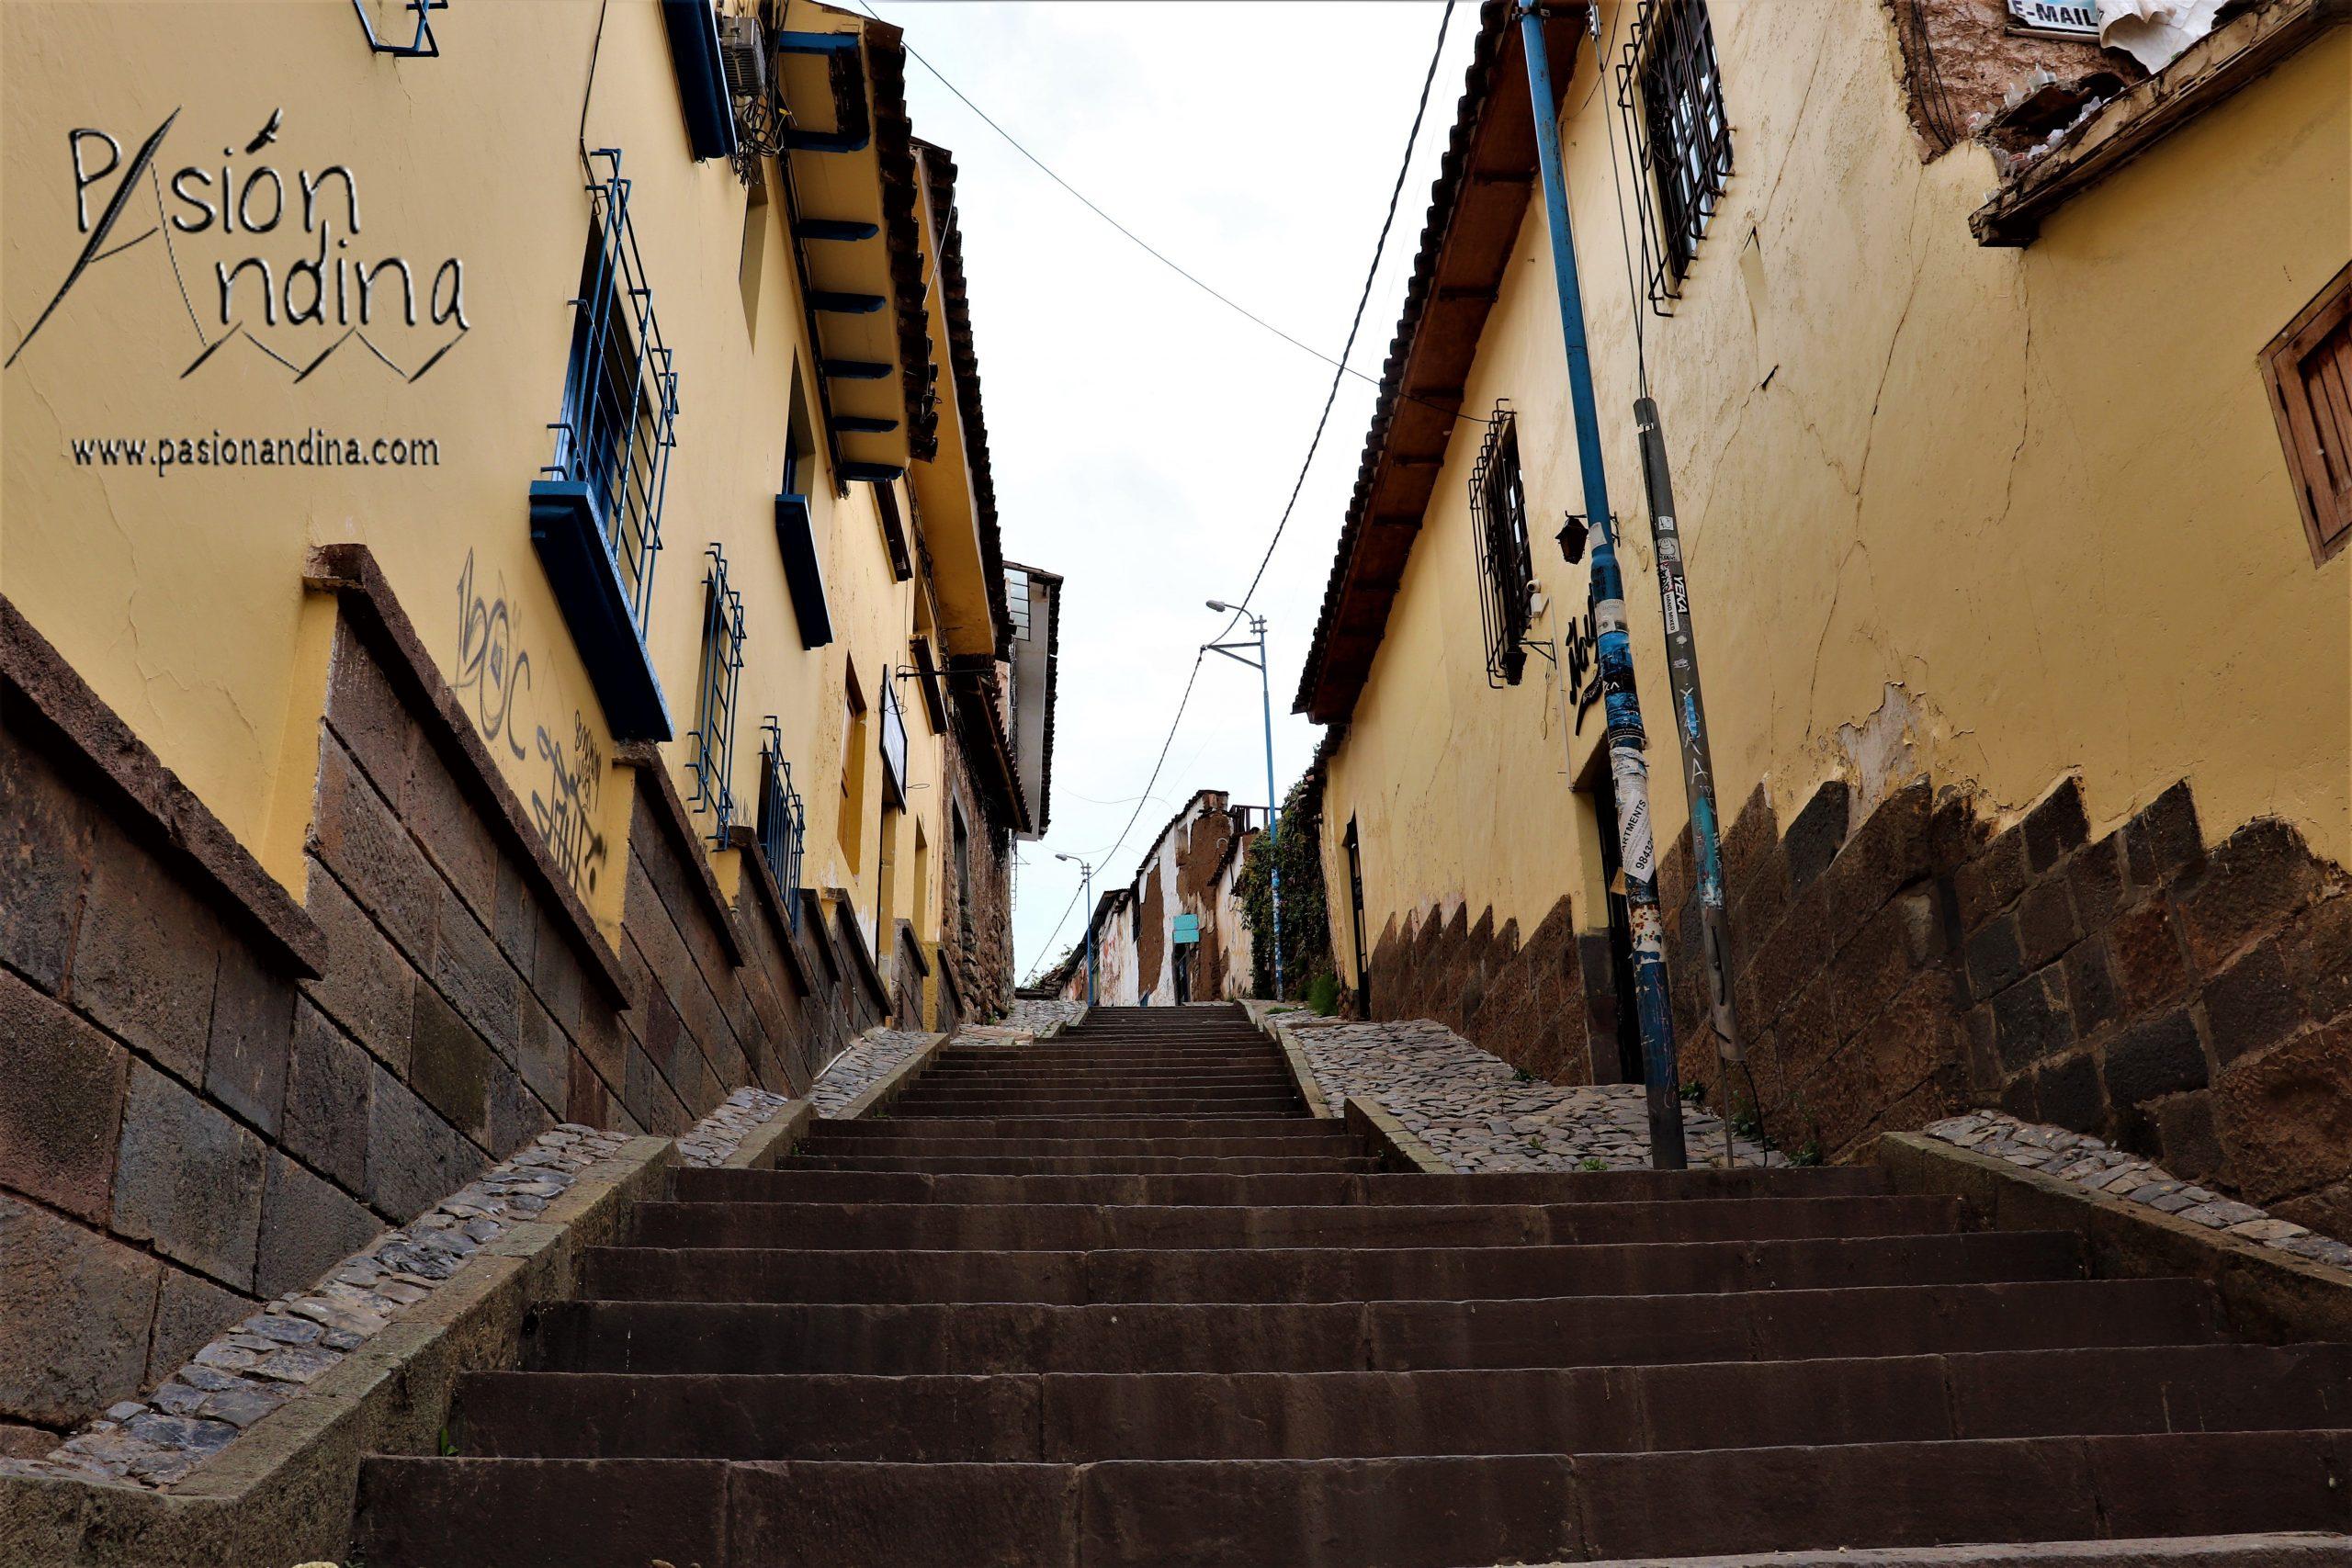 Calle Qanchipata